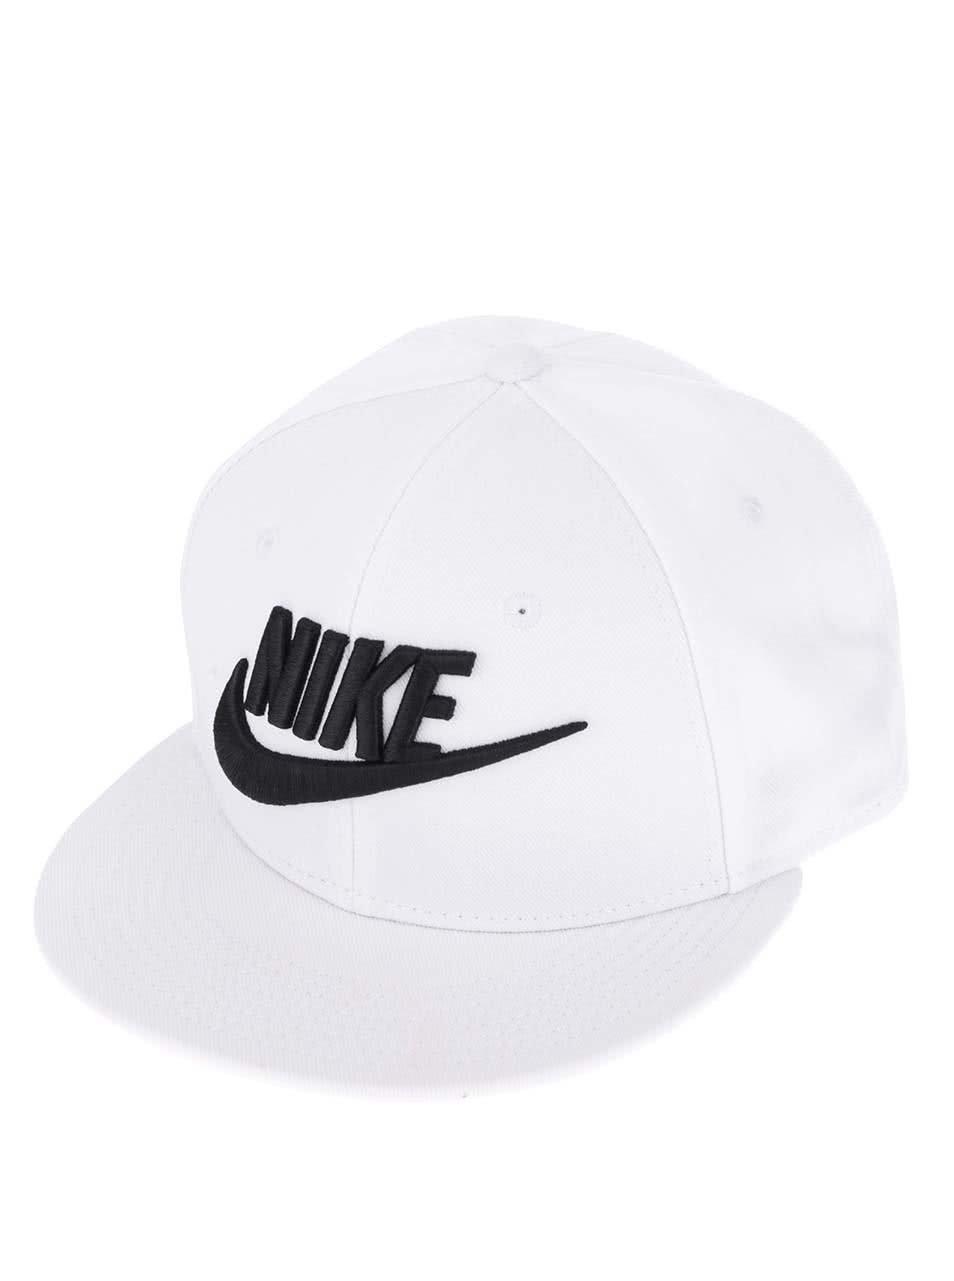 Bílá pánská kšiltovka s nápisem Nike Futura